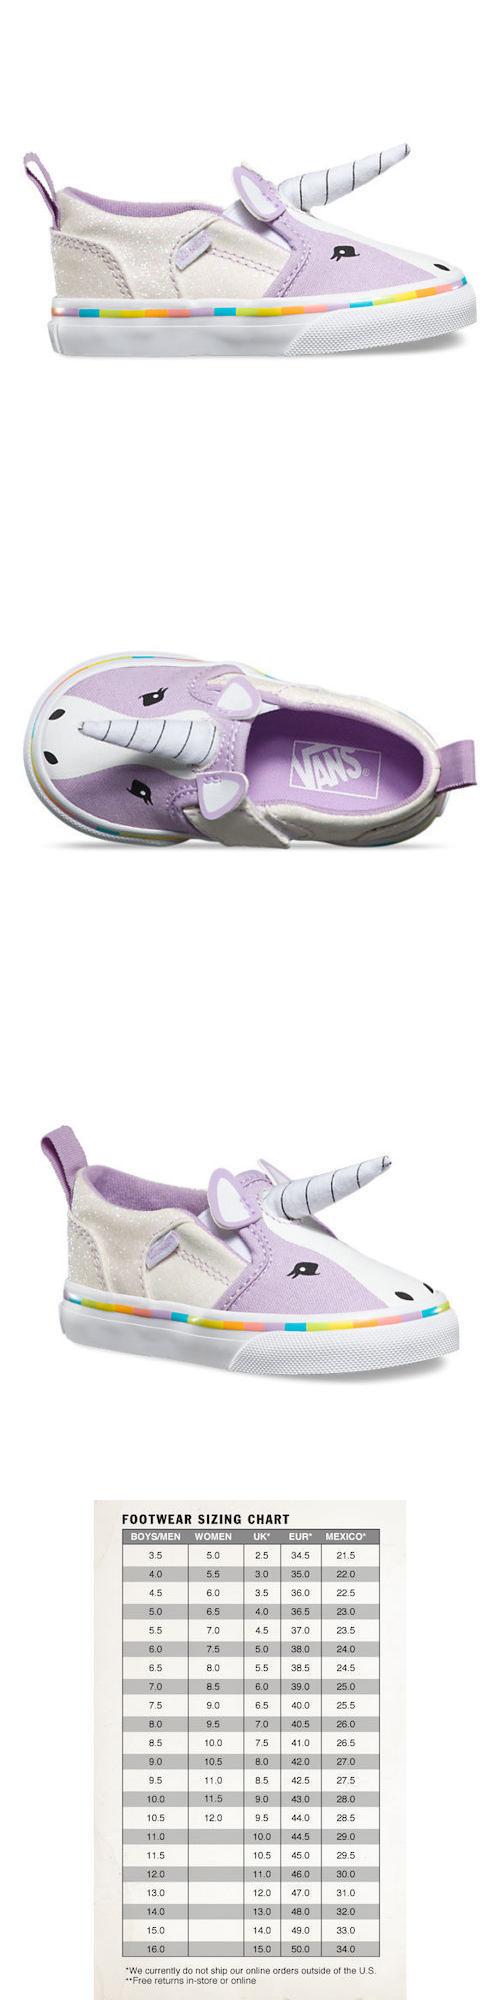 Baby Shoes 147285  New Vans Asher V Unicorn Toddler Girls Limited Edition  Slip-On 33d85e5e2